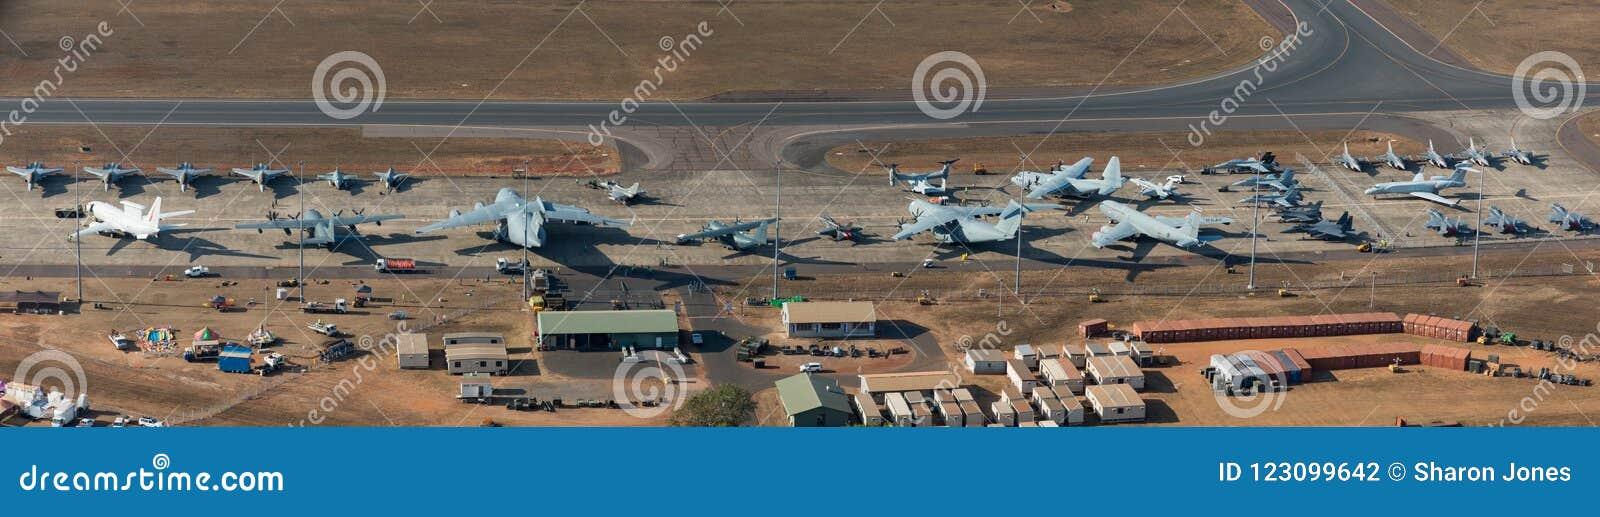 Darwin Australien - Augusti 4, 2018: Flyg- sikt av militärt flygplan som fodrar grova asfaltbeläggningen på Darwin Royal Australi